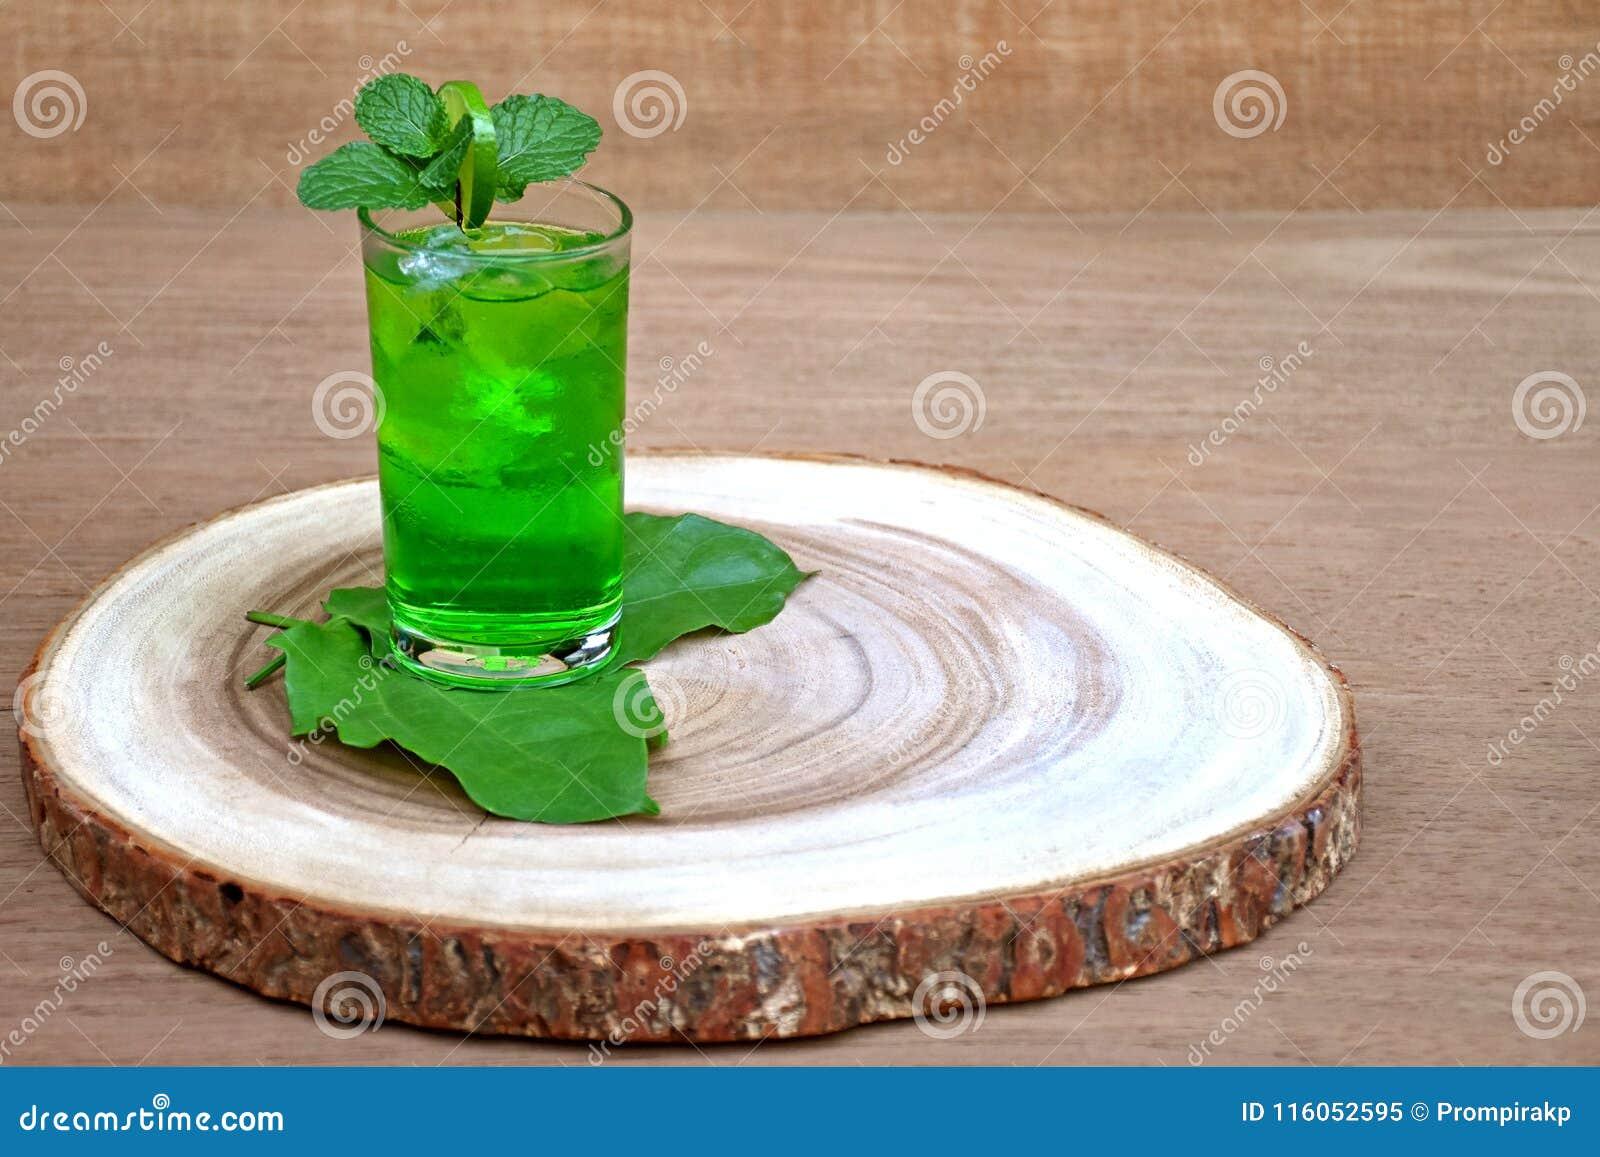 Kalter und Auffrischungskalk und tadelloses grünes Wasser in einem Glas auf Holz